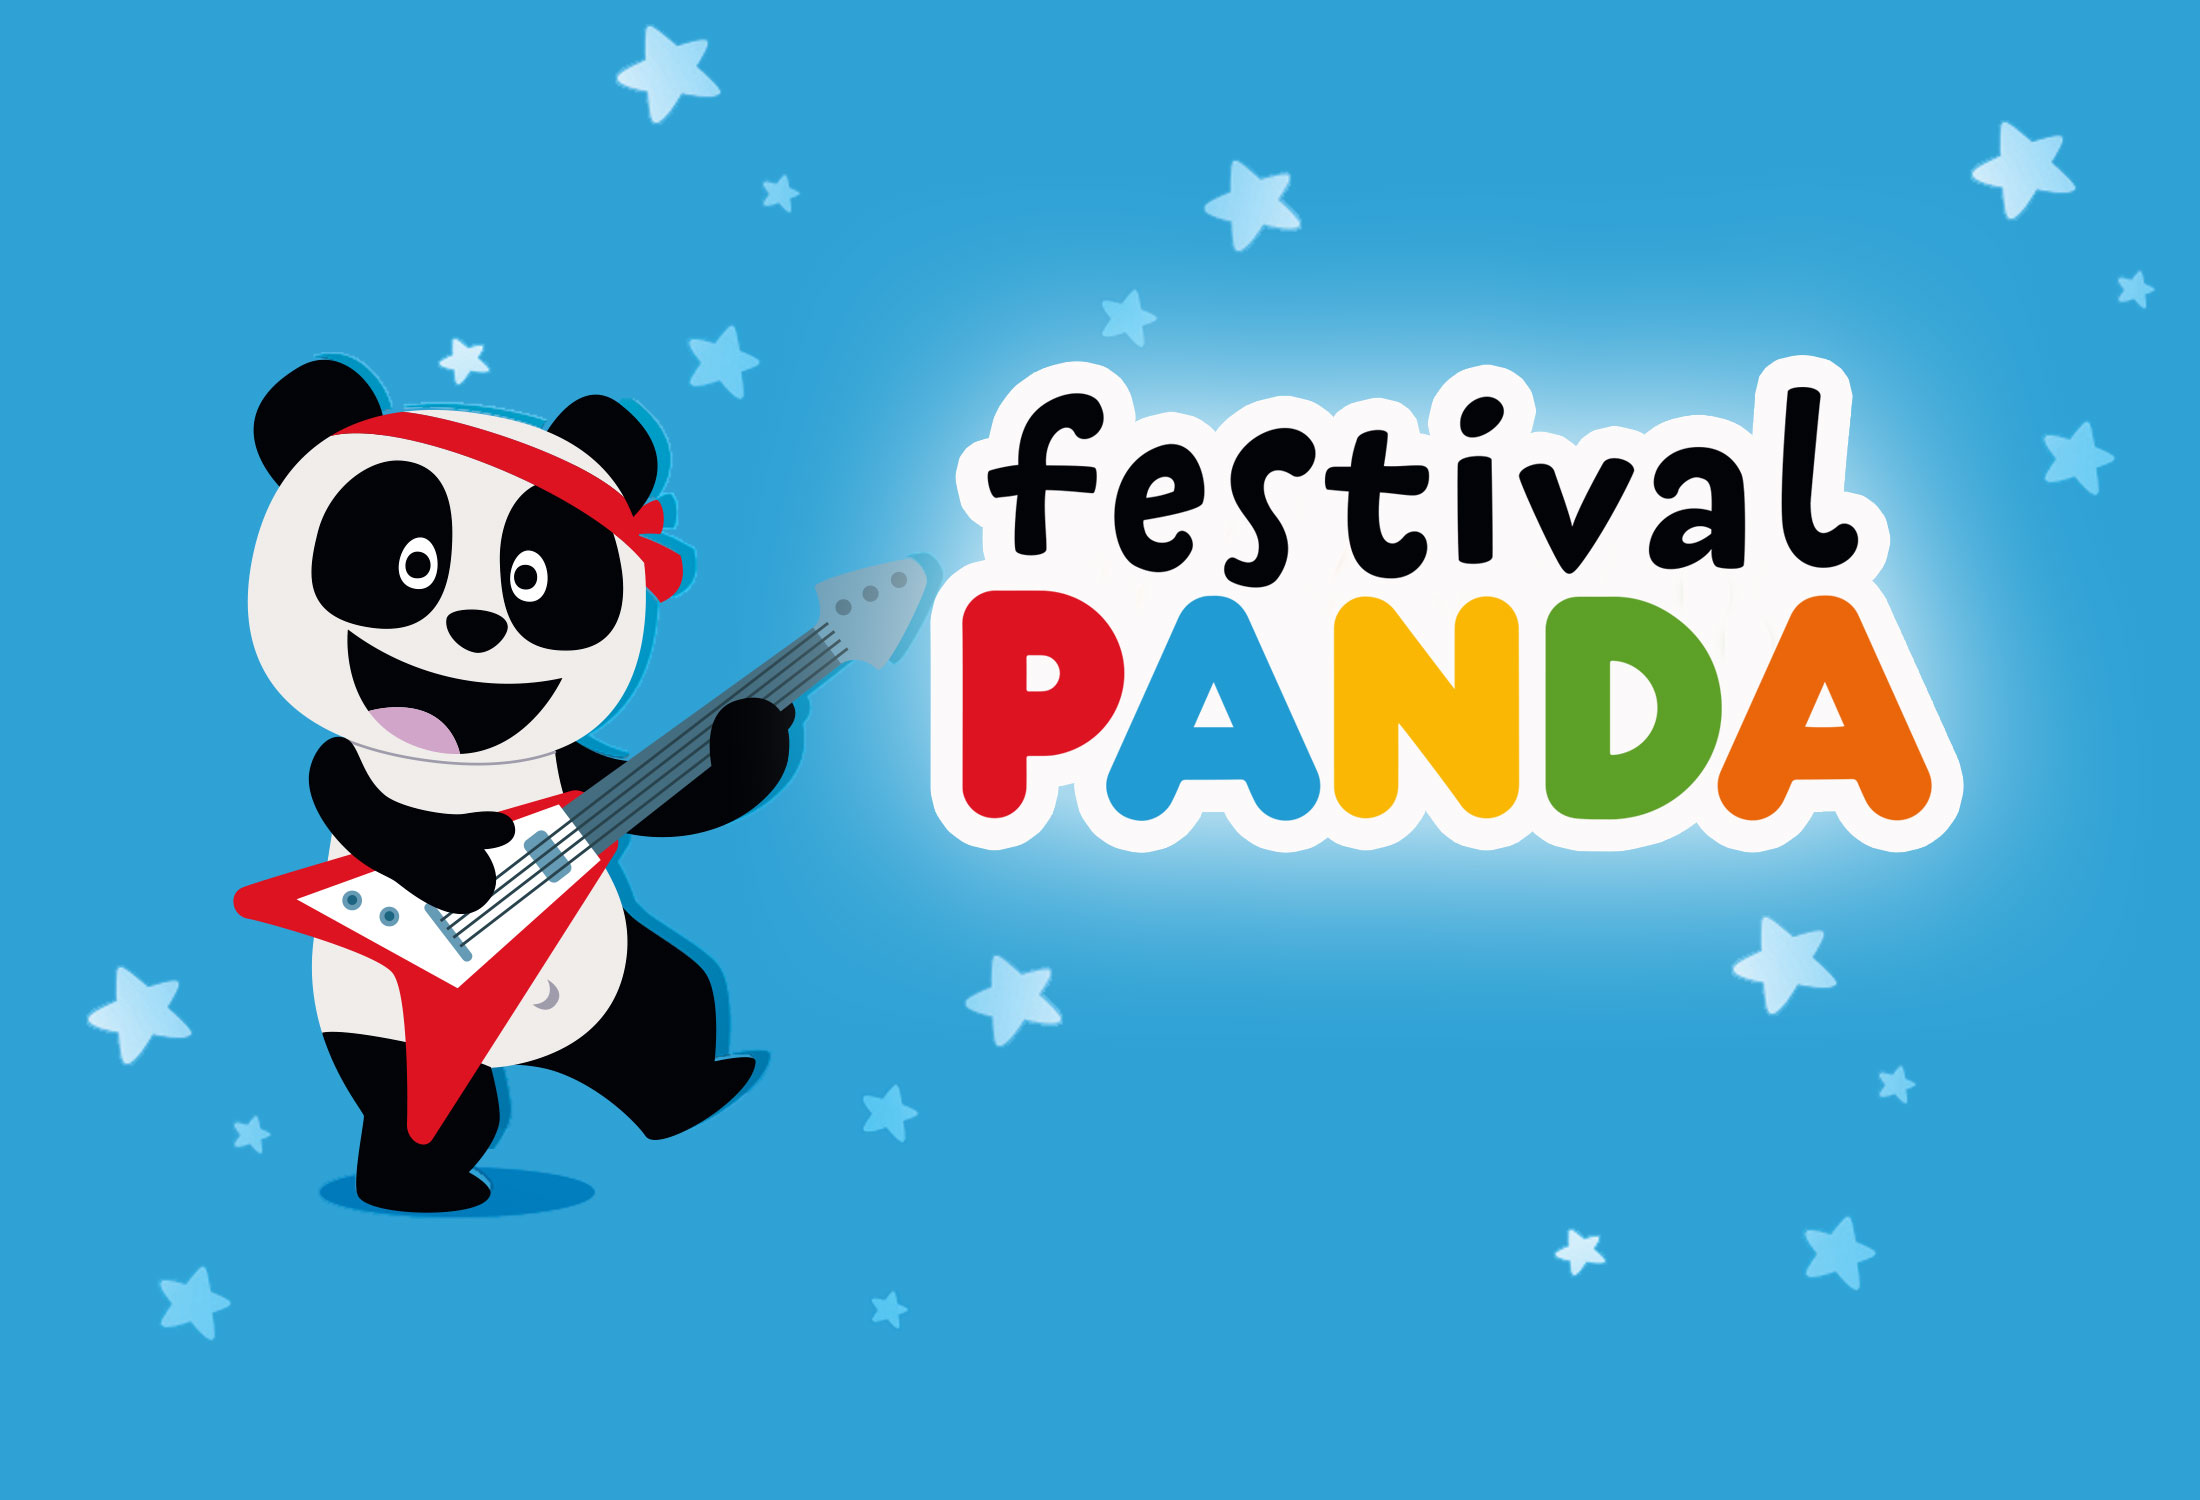 Festival Panda 2016